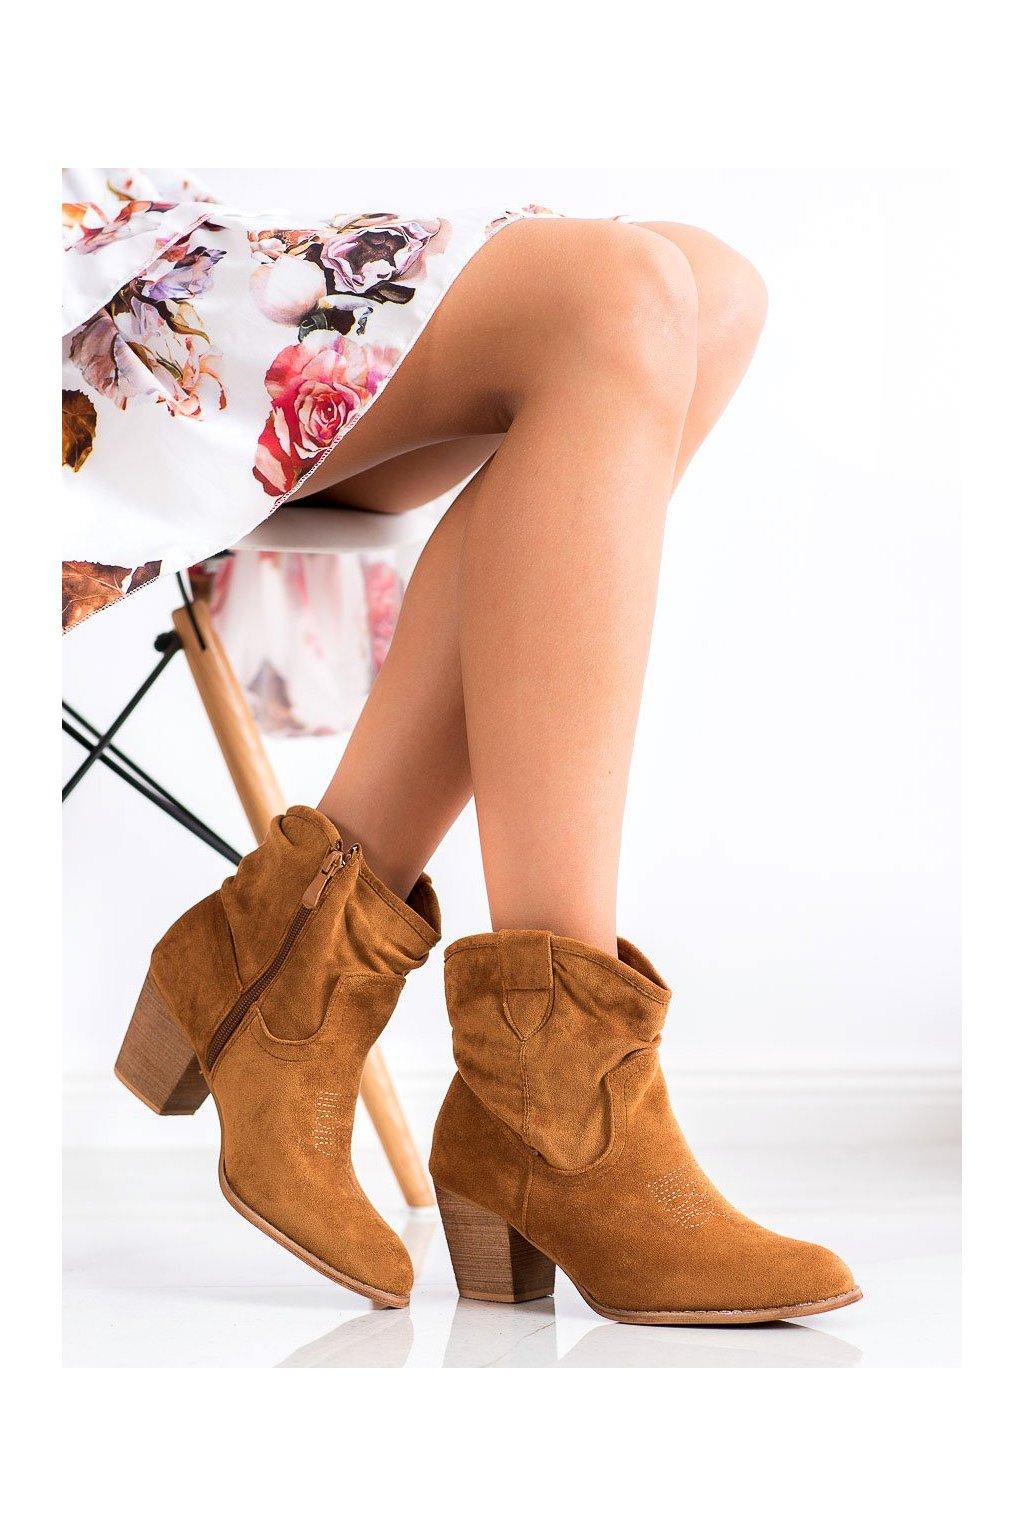 Hnedé dámske topánky Ideal shoes kod SA-3339C